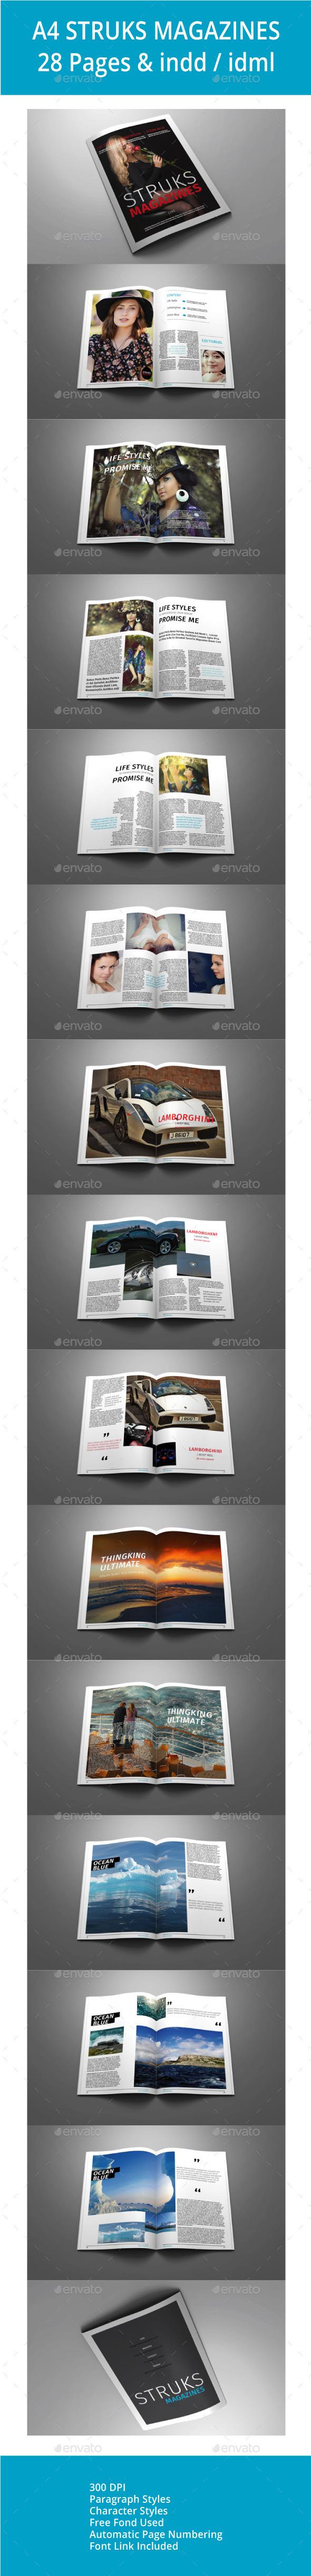 GraphicRiver A4 Struck Magazines 10405503